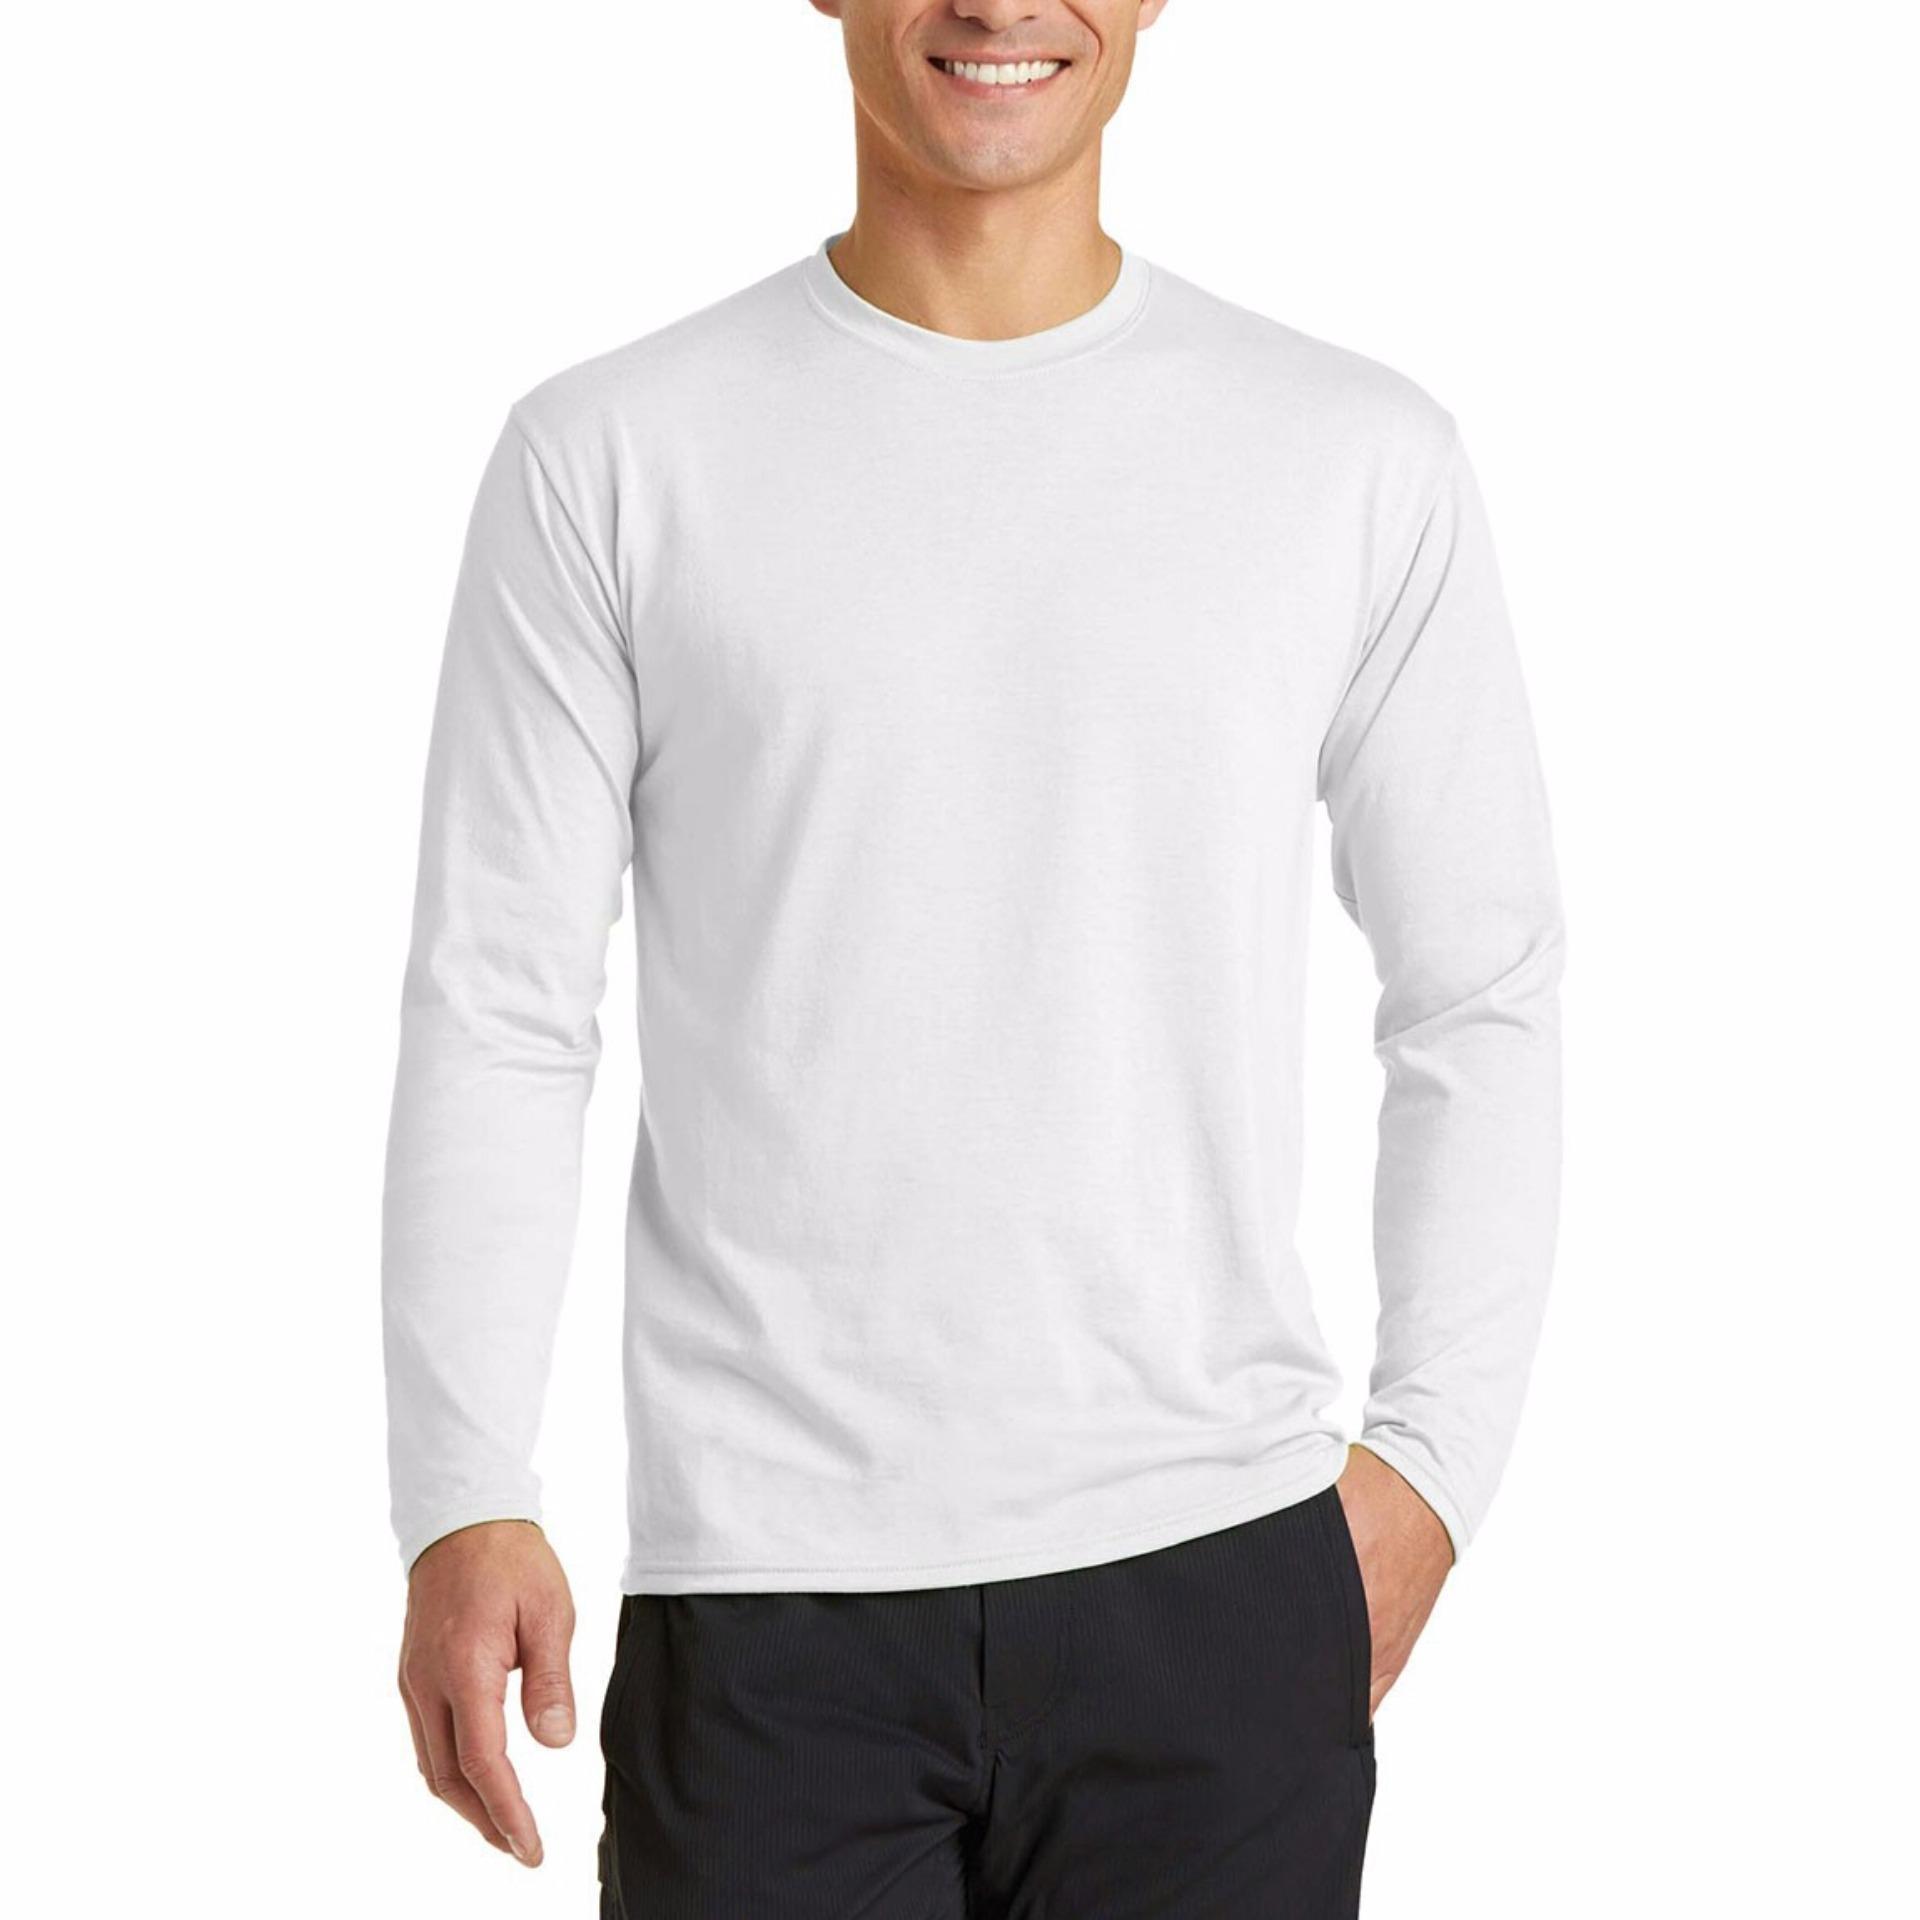 Tradeold T-shirt O-neck Kaos Polos Lengan Panjang - Putih ...